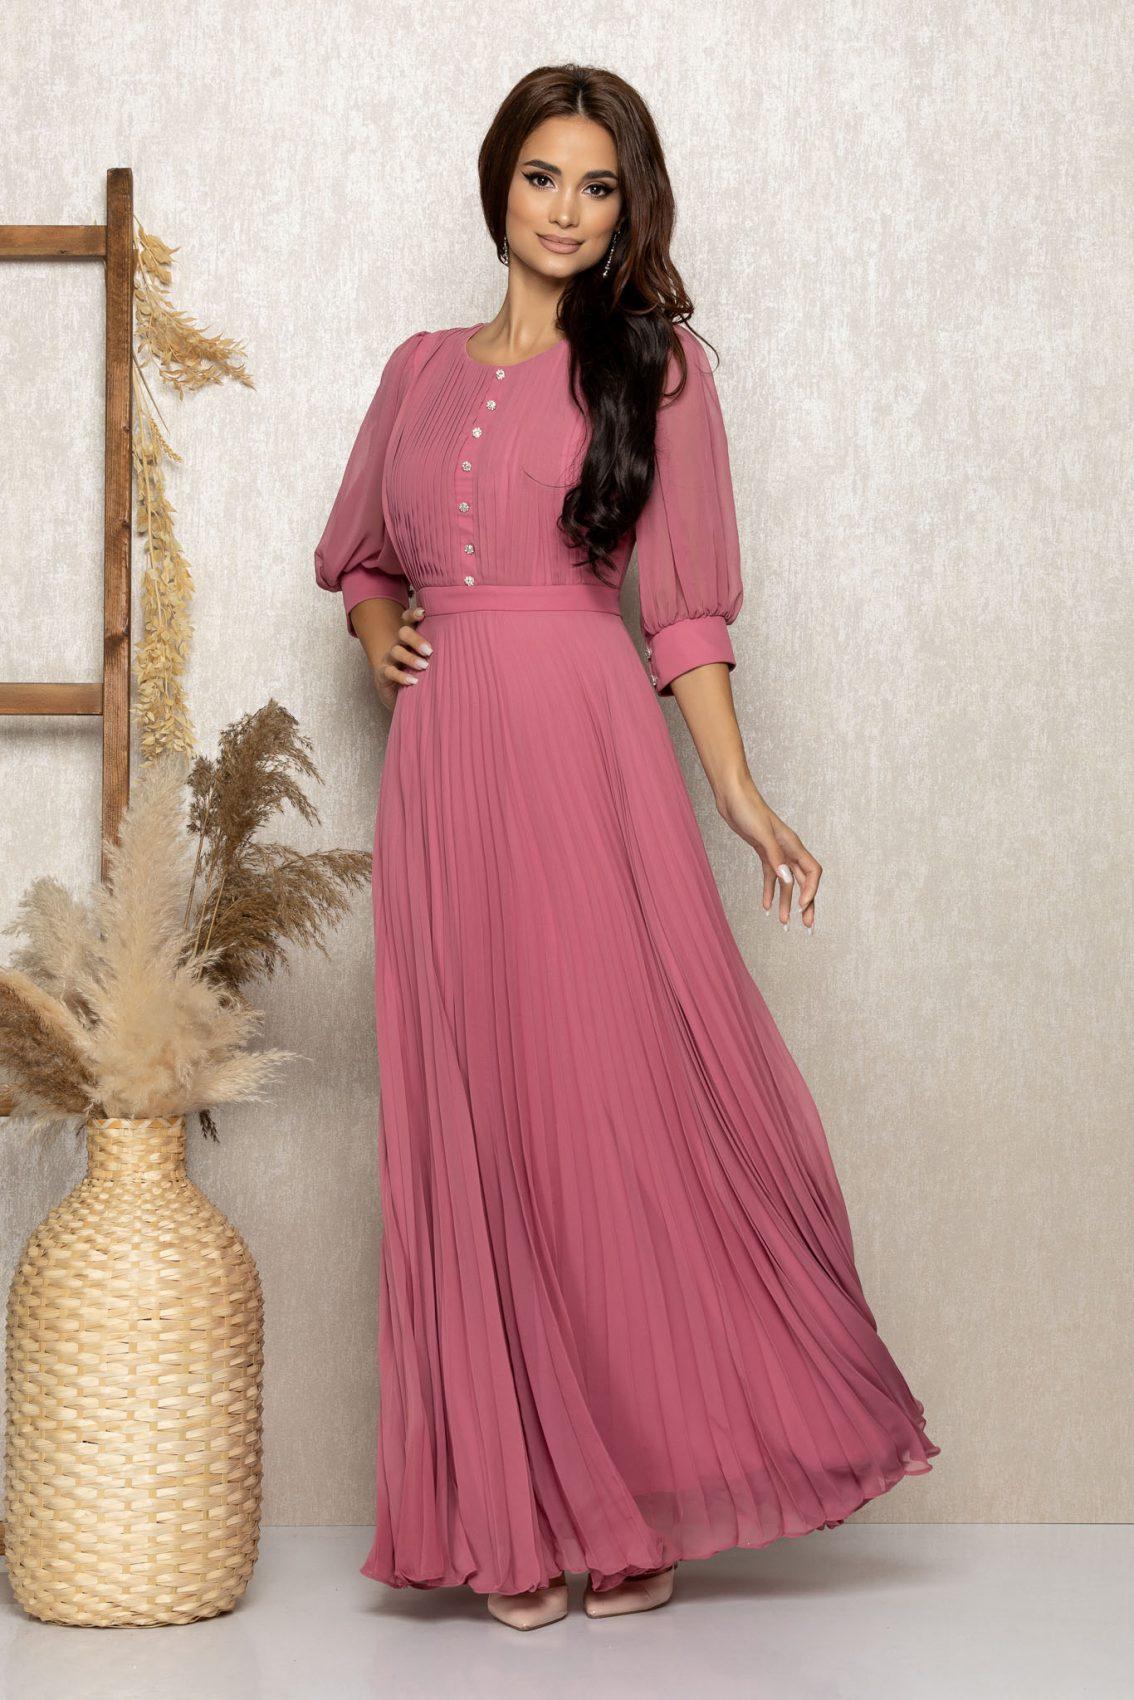 Ροζ Μάξι Βραδινό Φόρεμα Με Στρας Gracielle T269 1